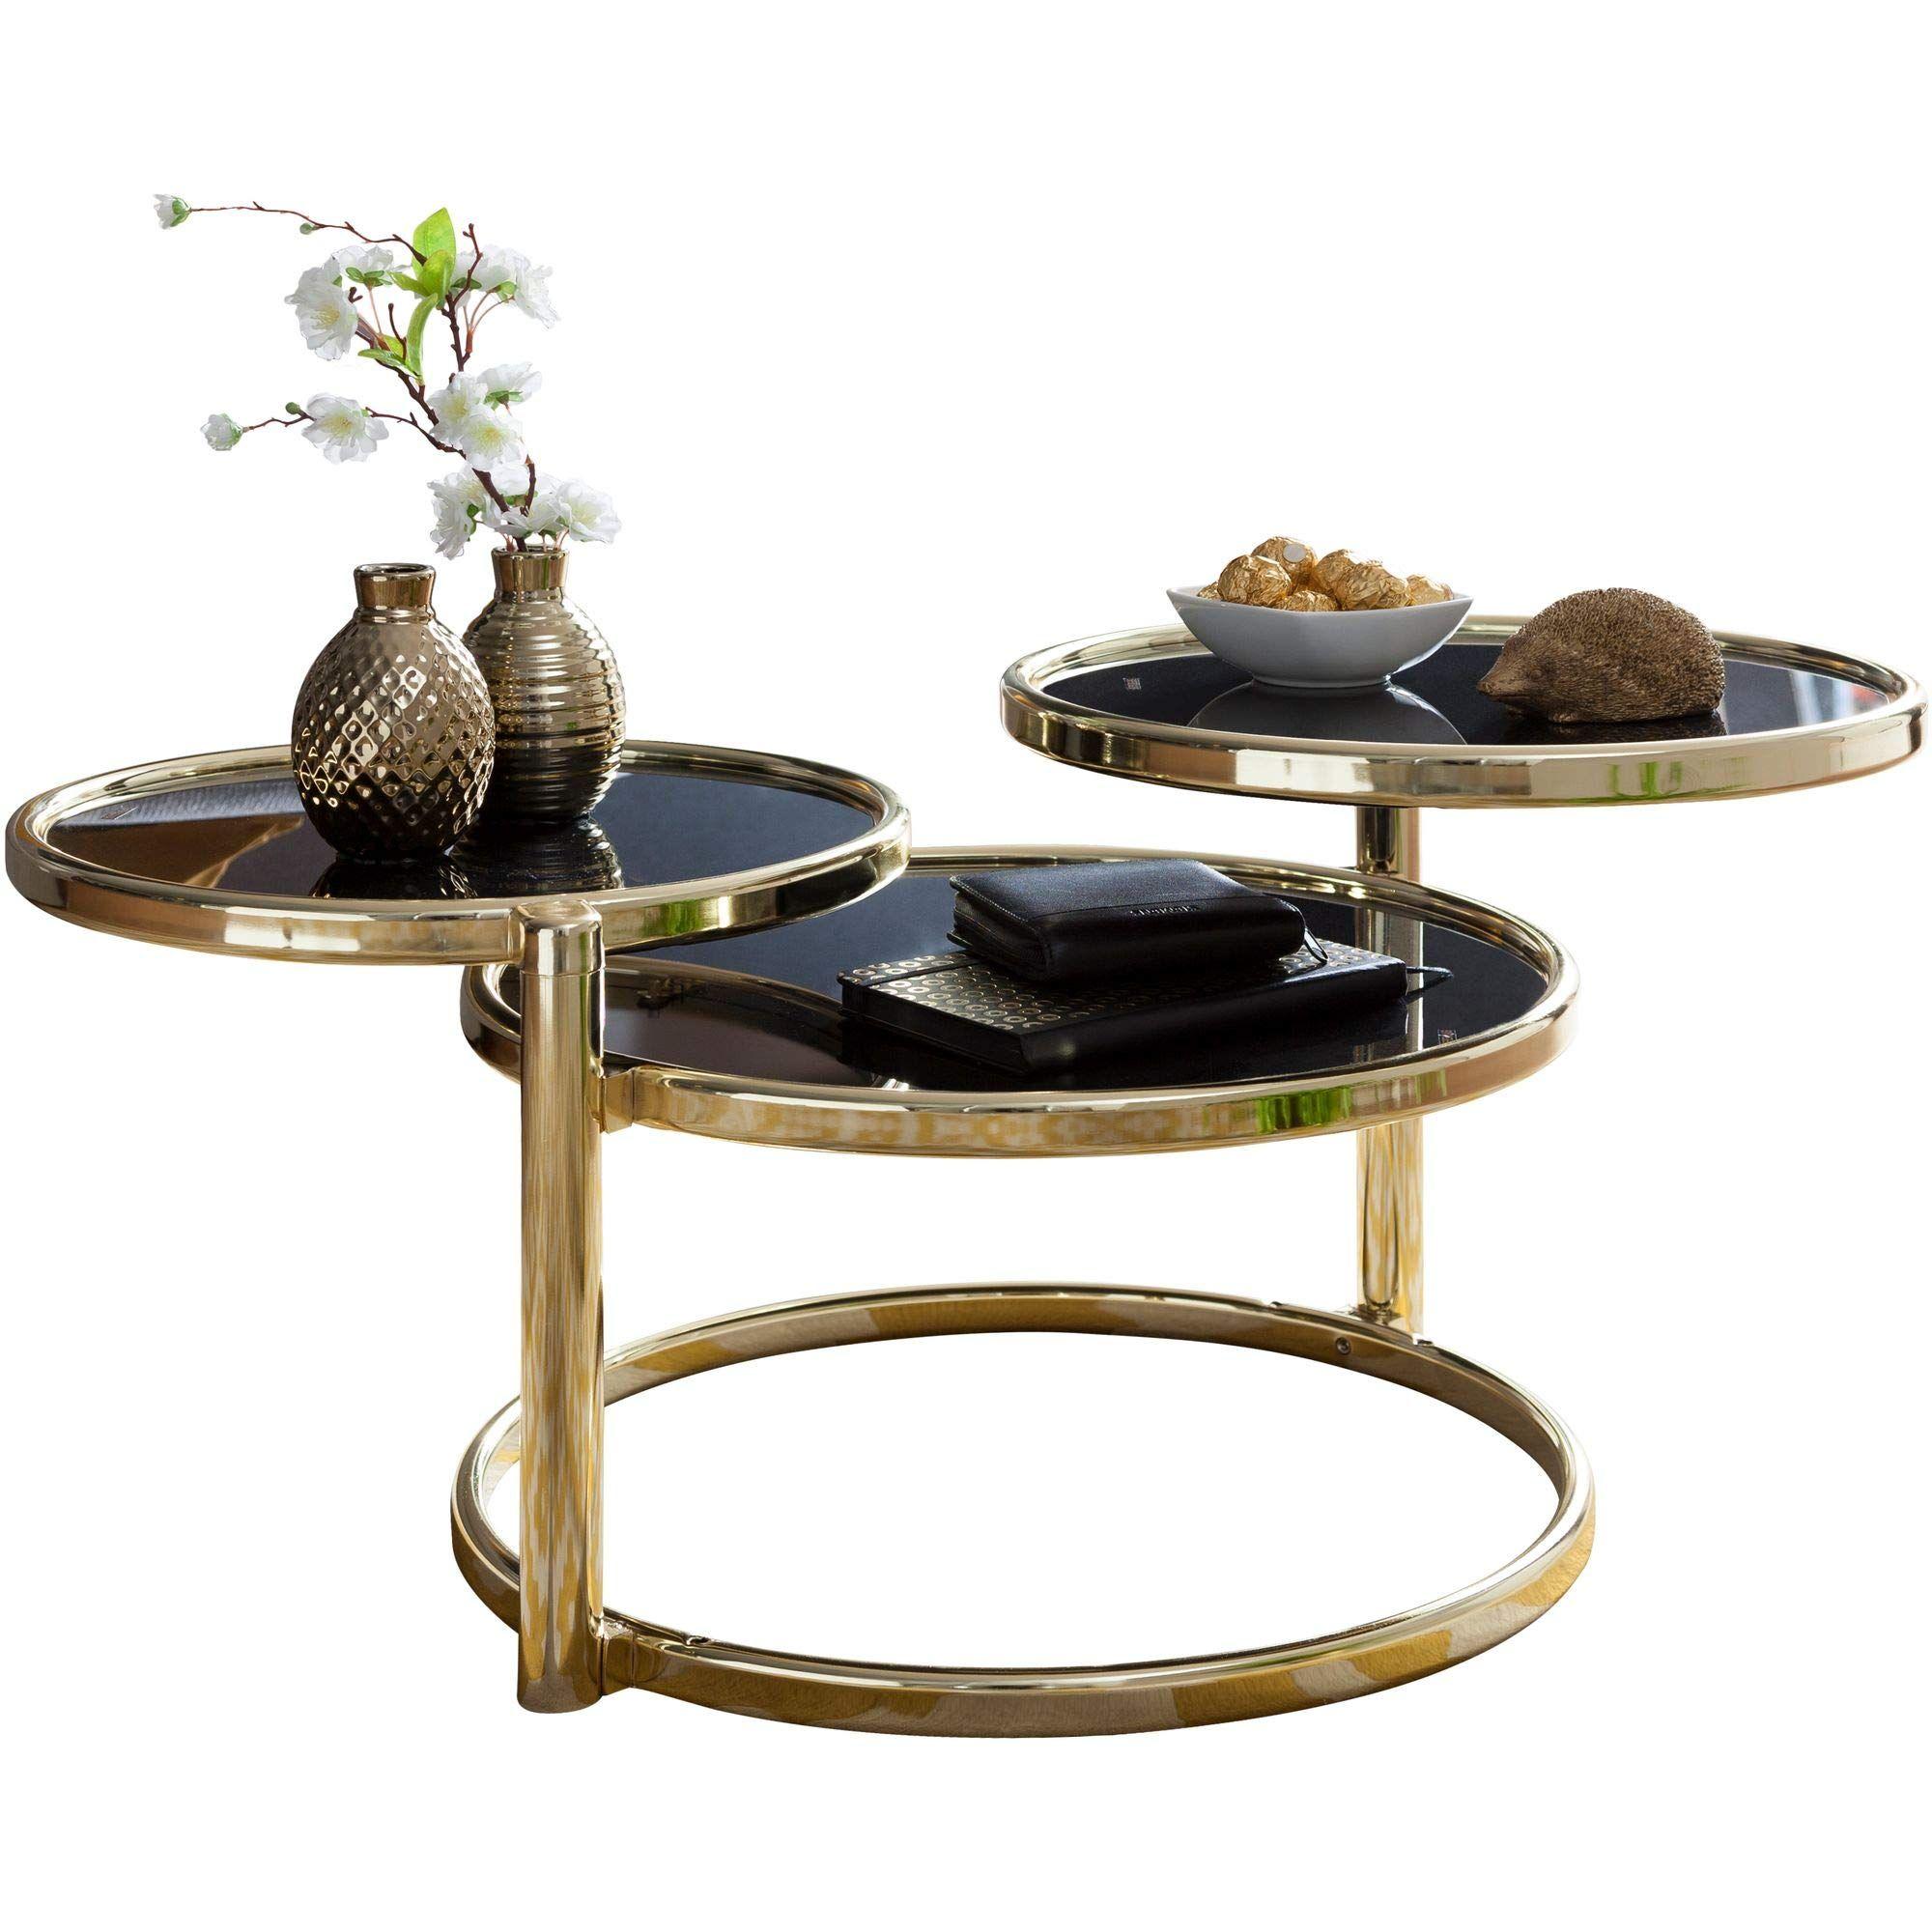 Finebuy Couchtisch Sina Mit 3 Tischplatten Schwarz Gold 58 X 43 X